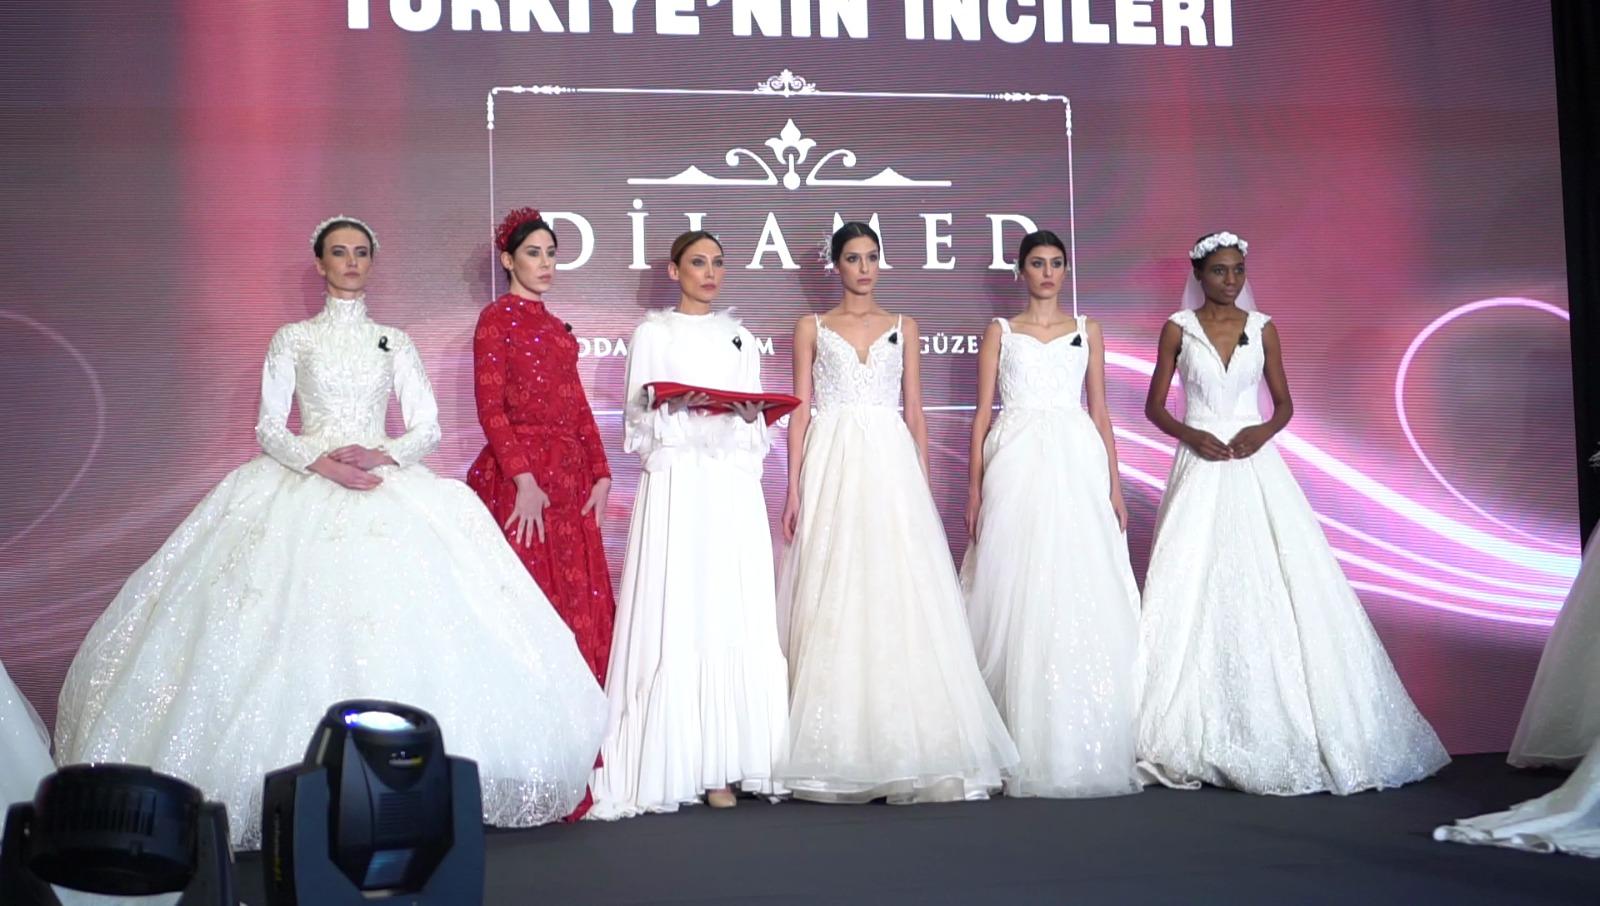 Dilamed Moda evi'nden Türkiye'nin İncileri Ödül Töreni'nde muhteşem defile!